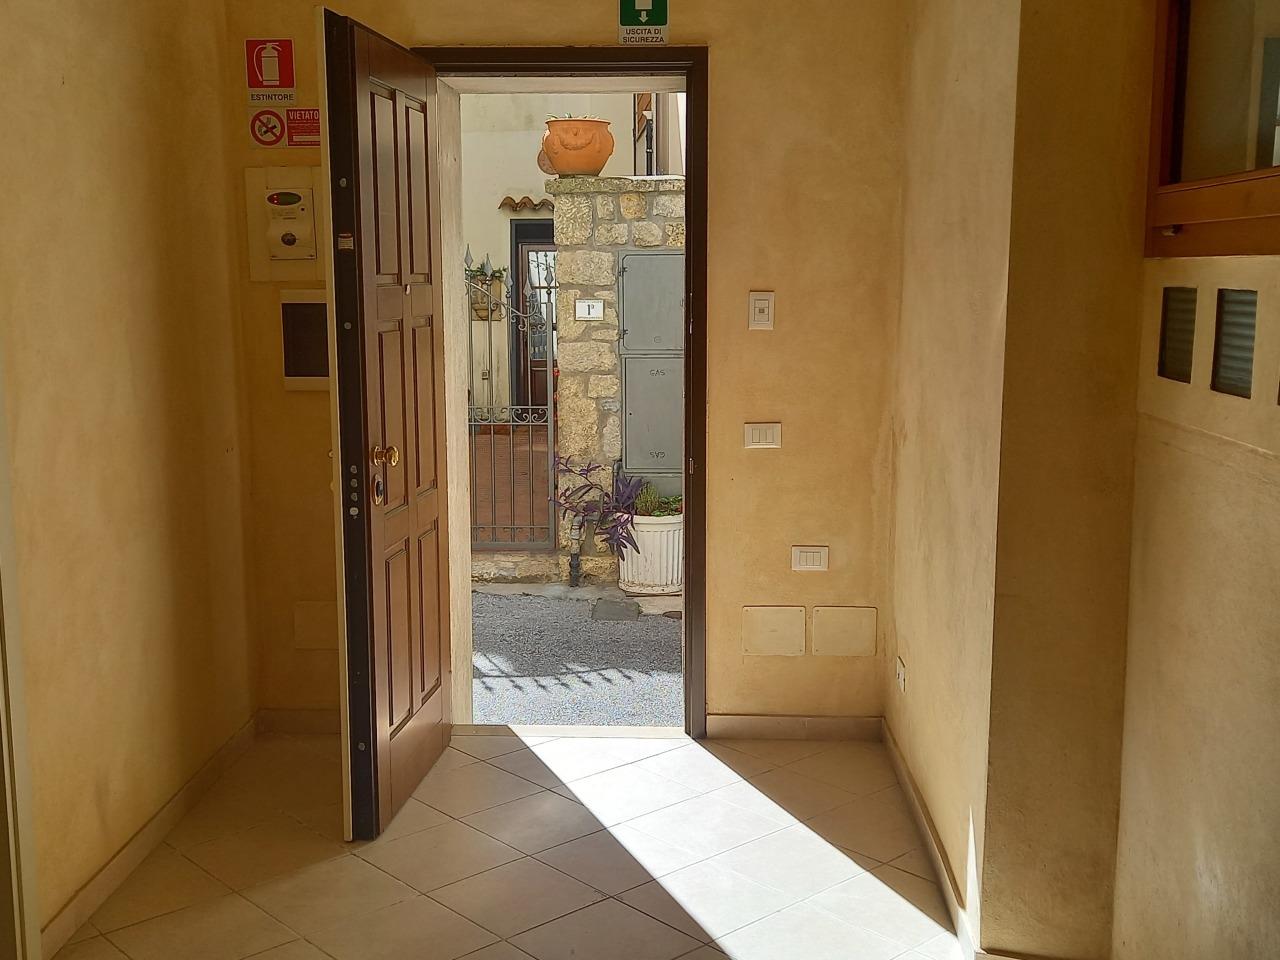 Ufficio in affitto a Camaiore (LU)